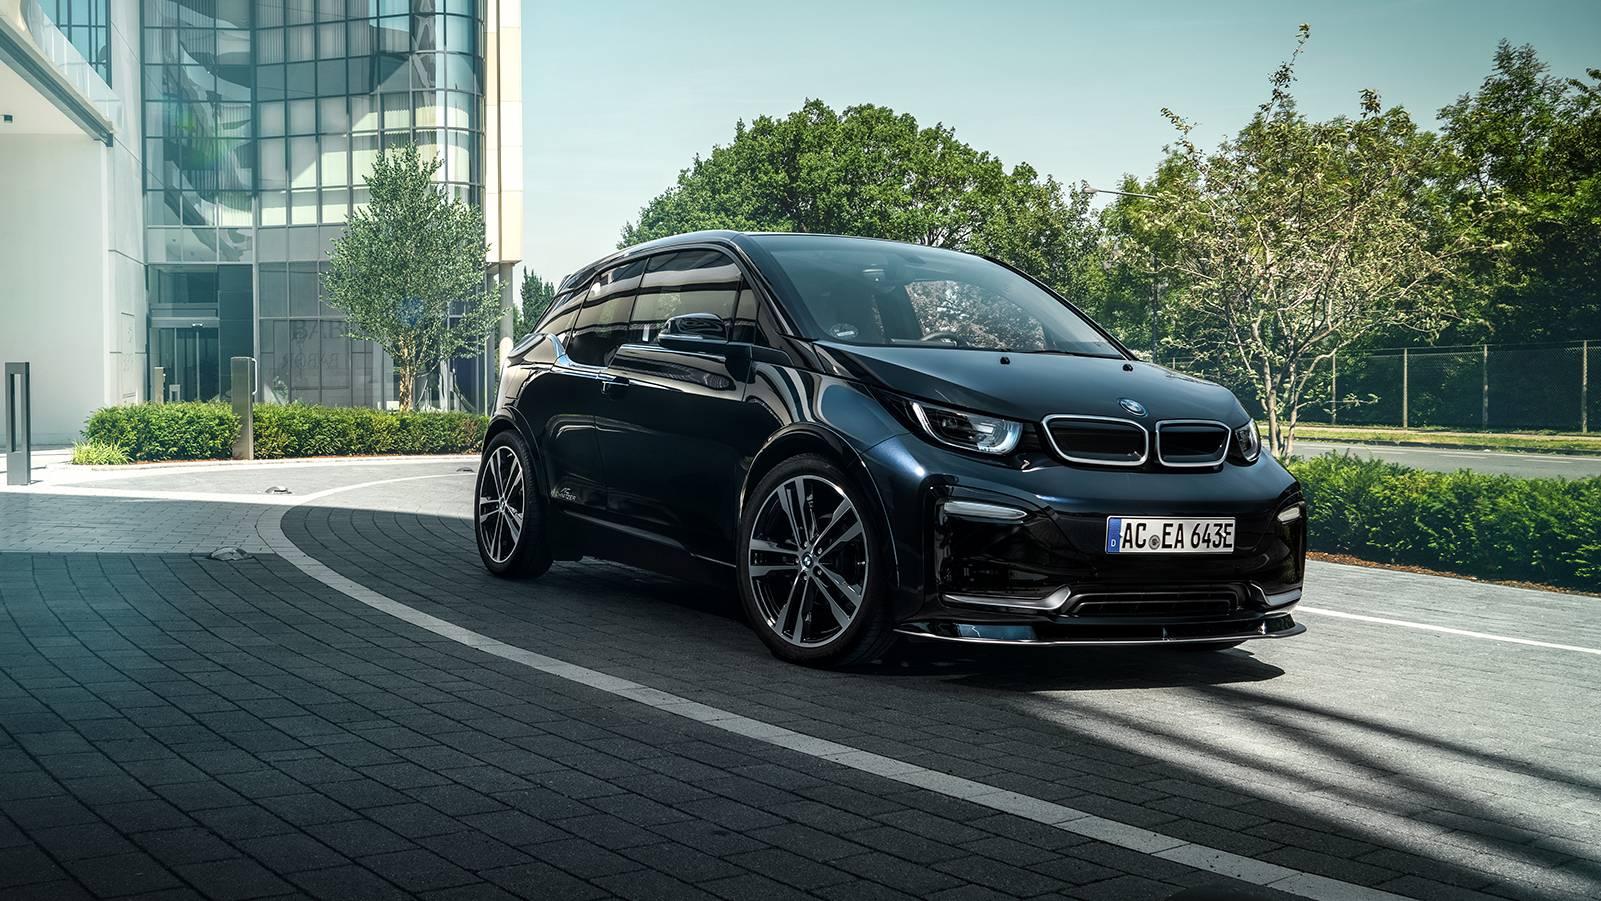 BMW-i3s-by-AC-Schnitzer-11